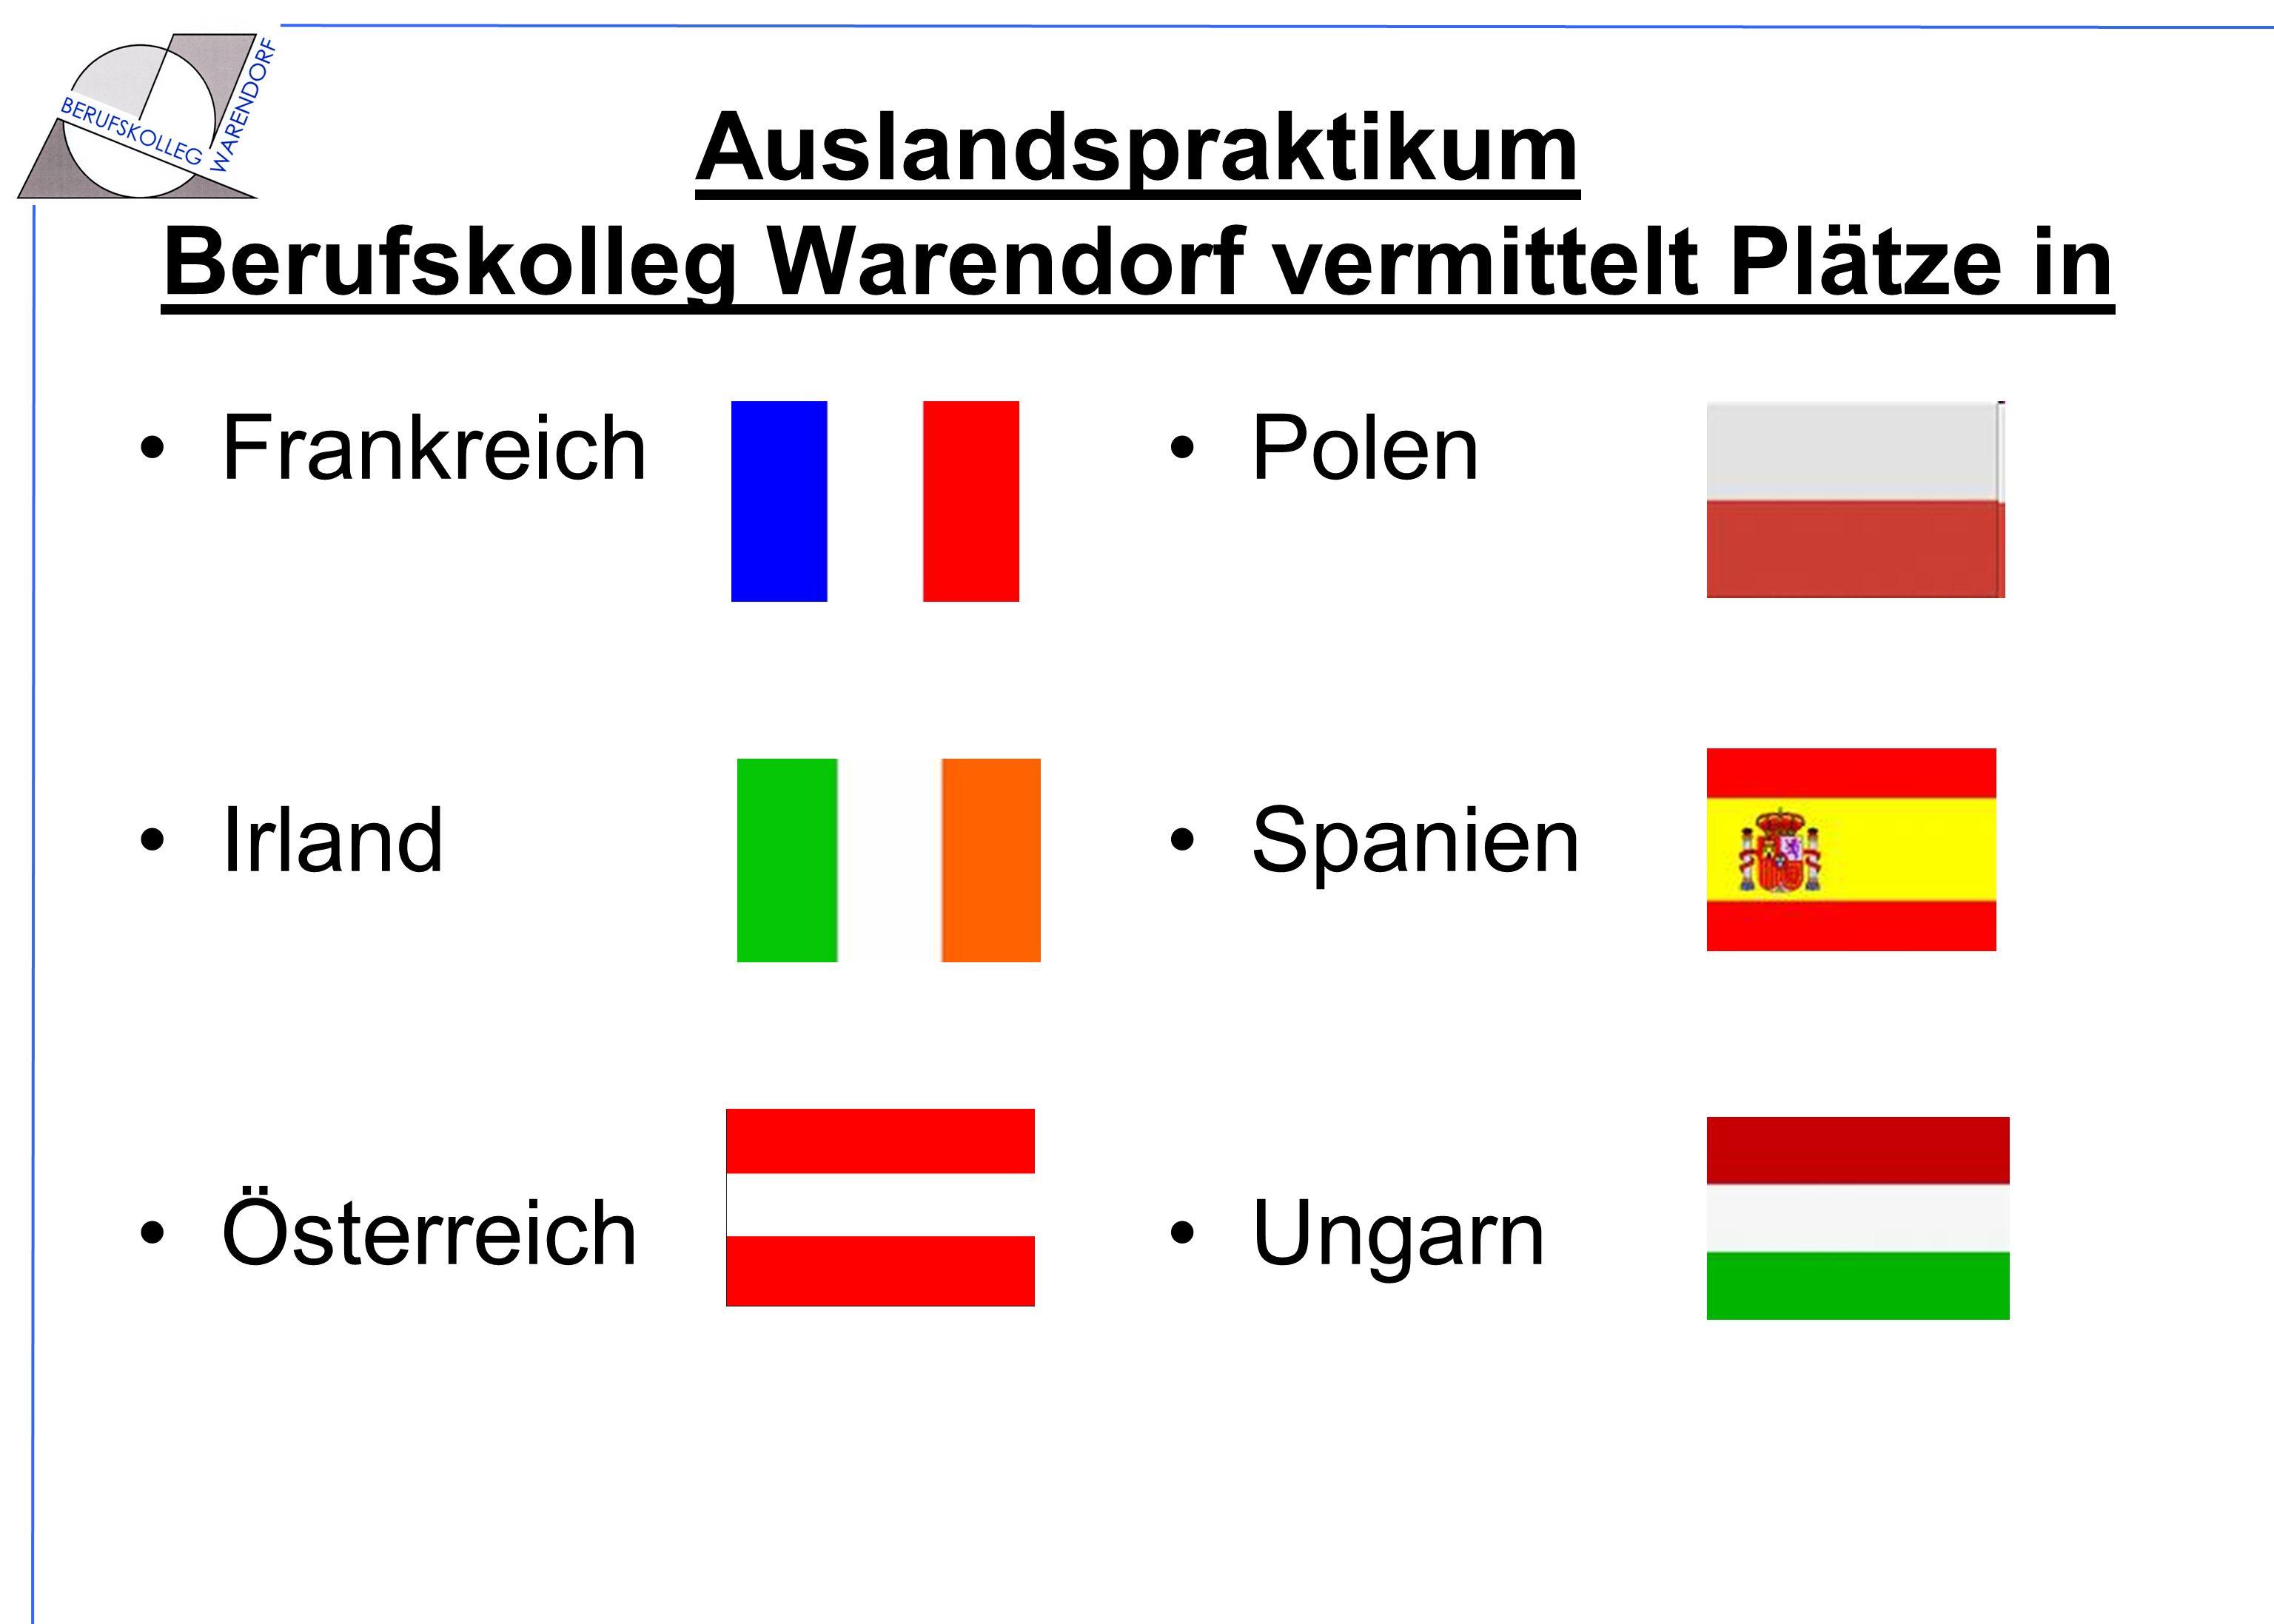 Auslandspraktikum Berufskolleg Warendorf vermittelt Plätze in